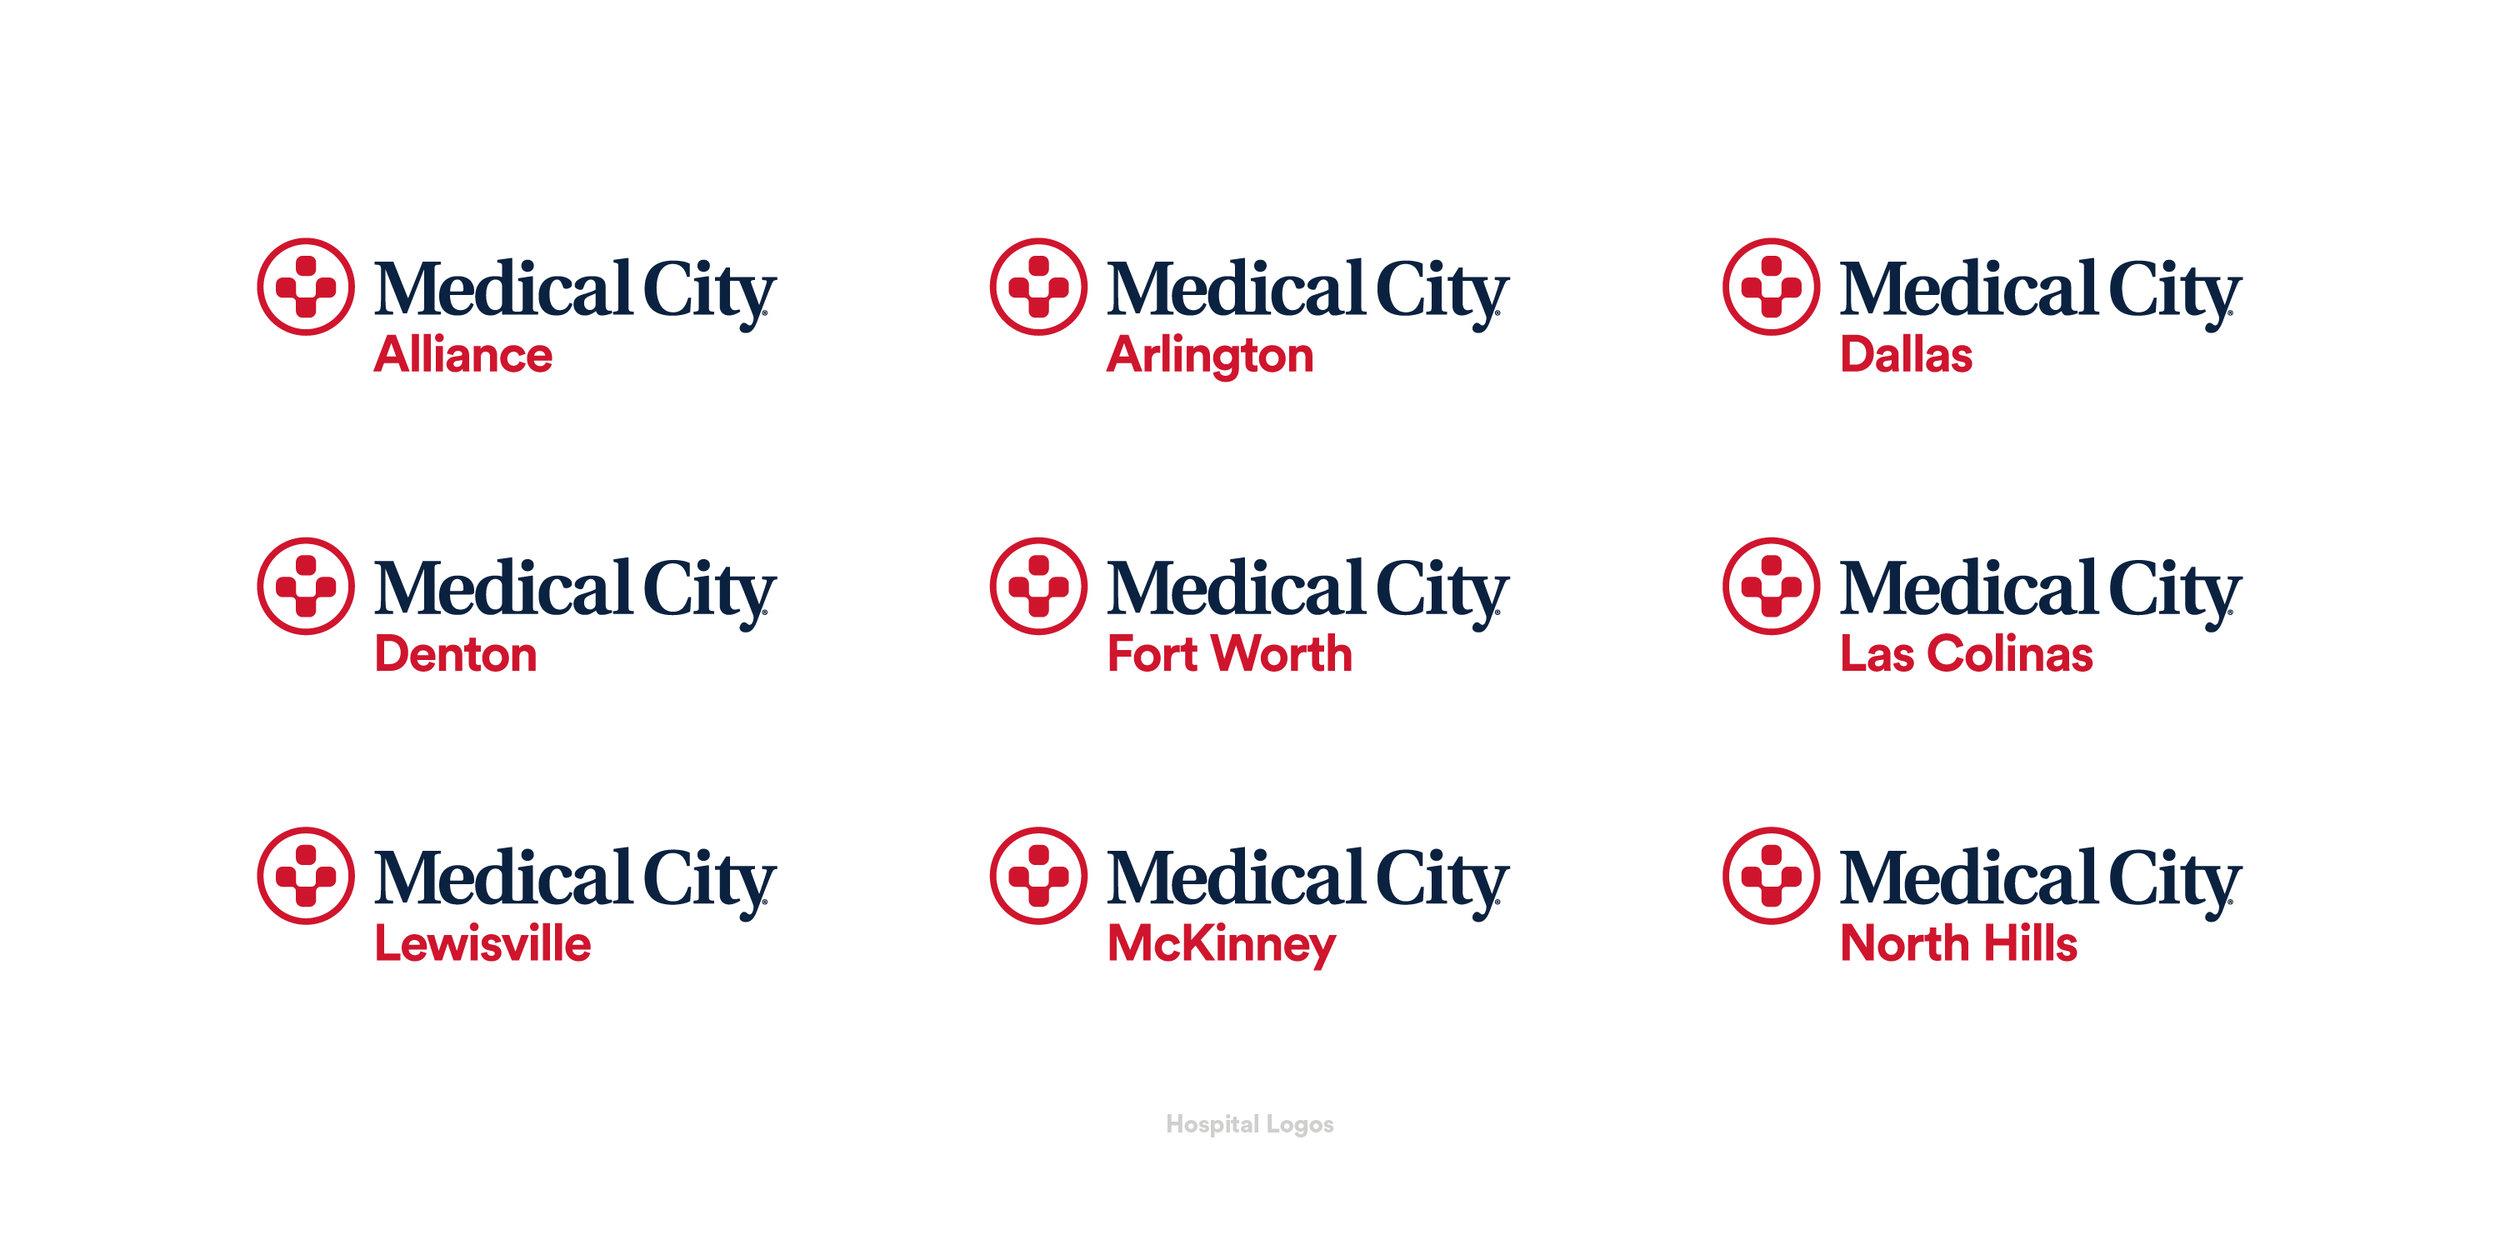 ronaldvillegas-medical-city-hospital-logos.jpg